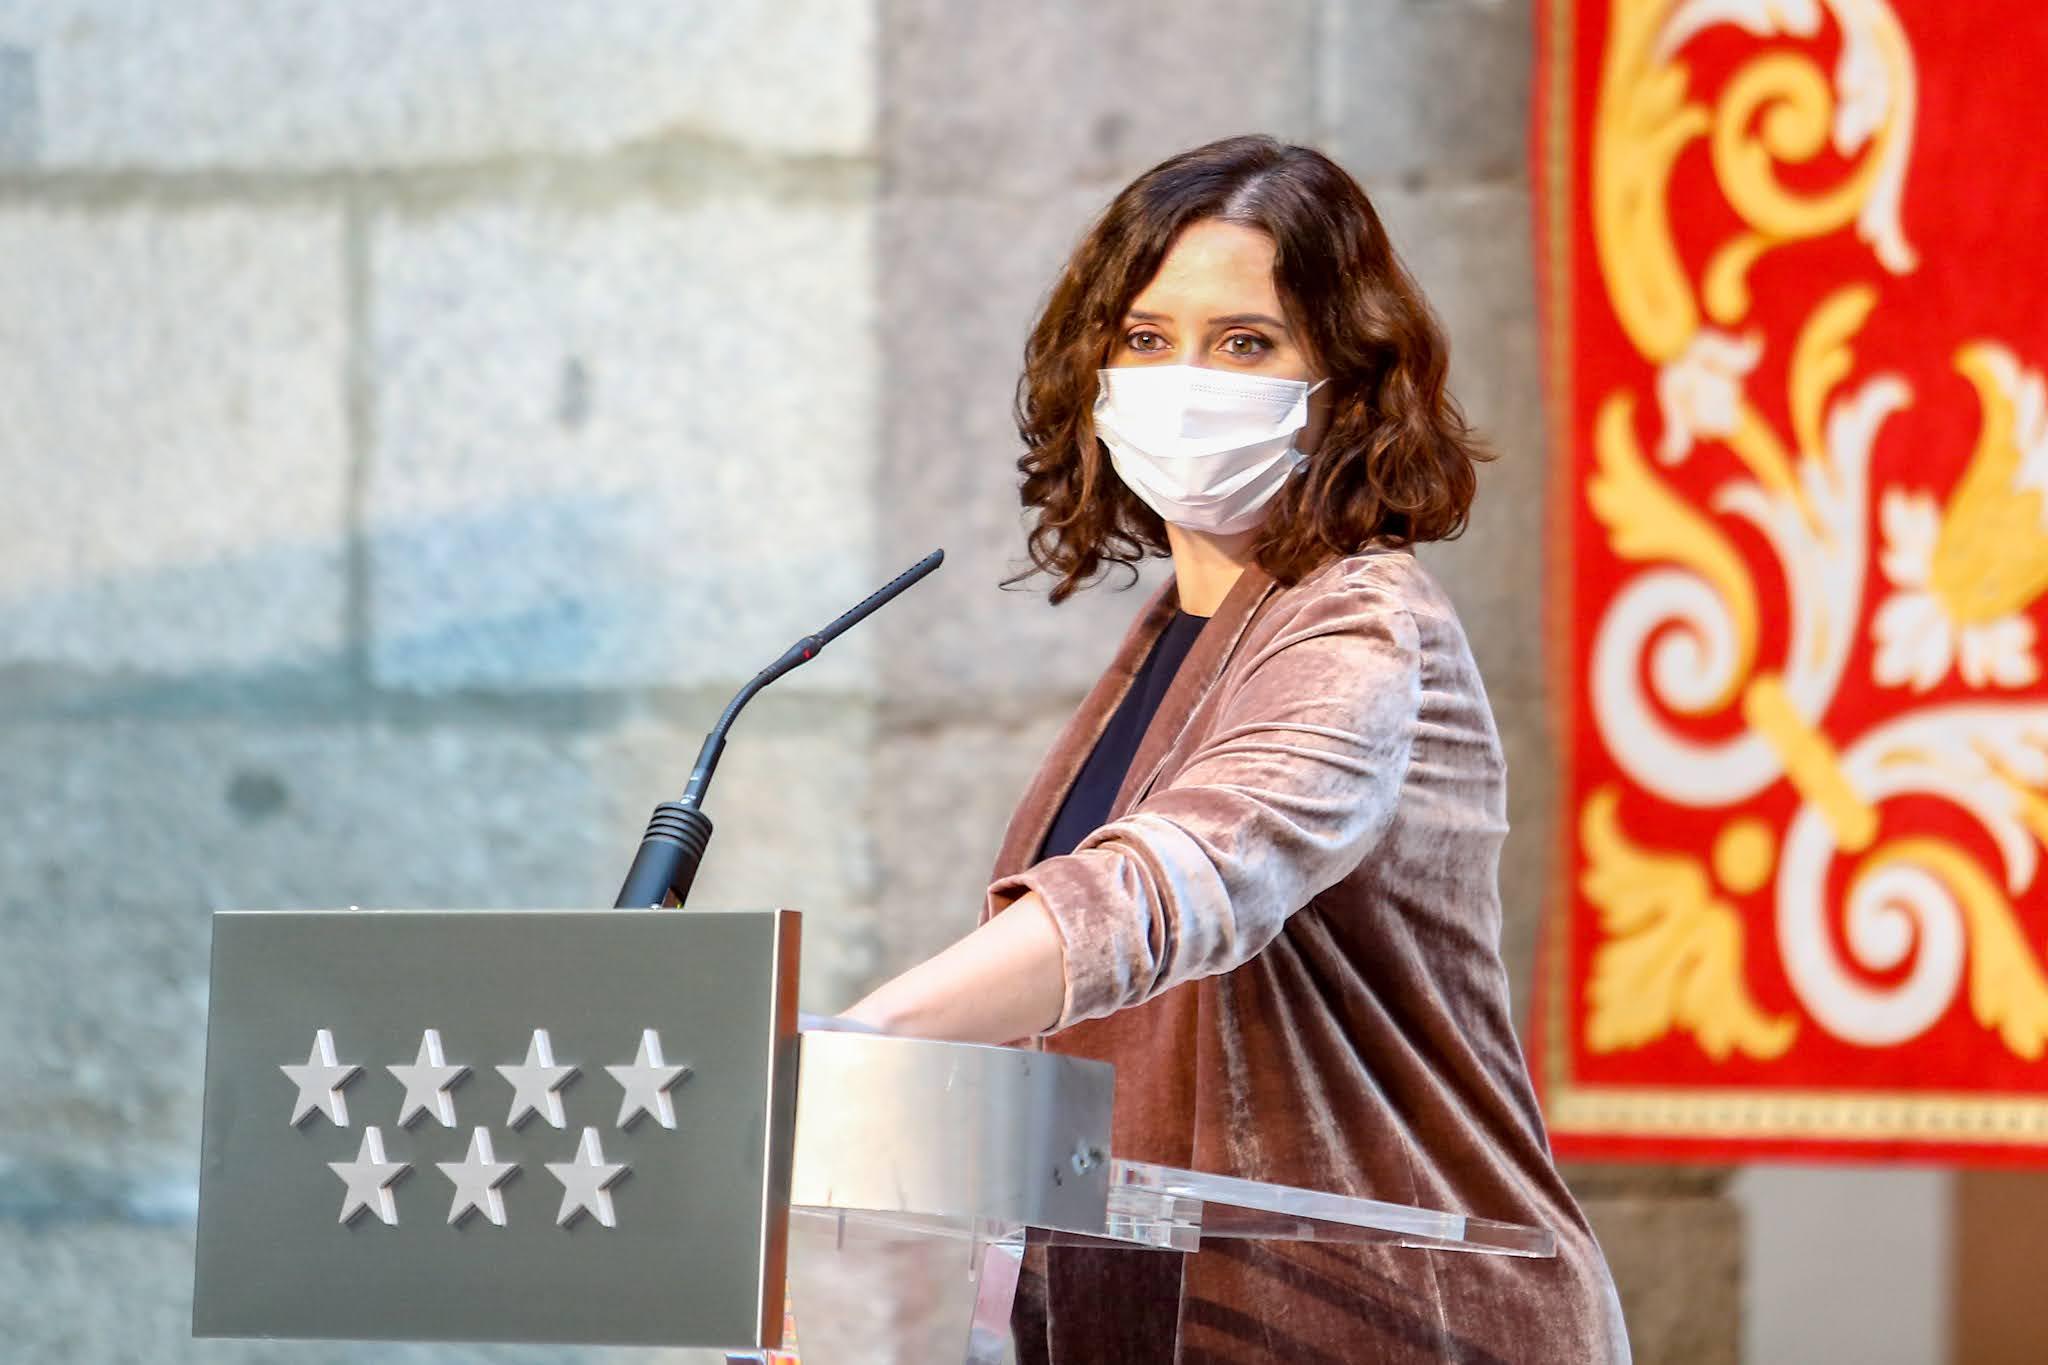 El anuncio de las elecciones anticipadas en Madrid provocan un terremoto político en España